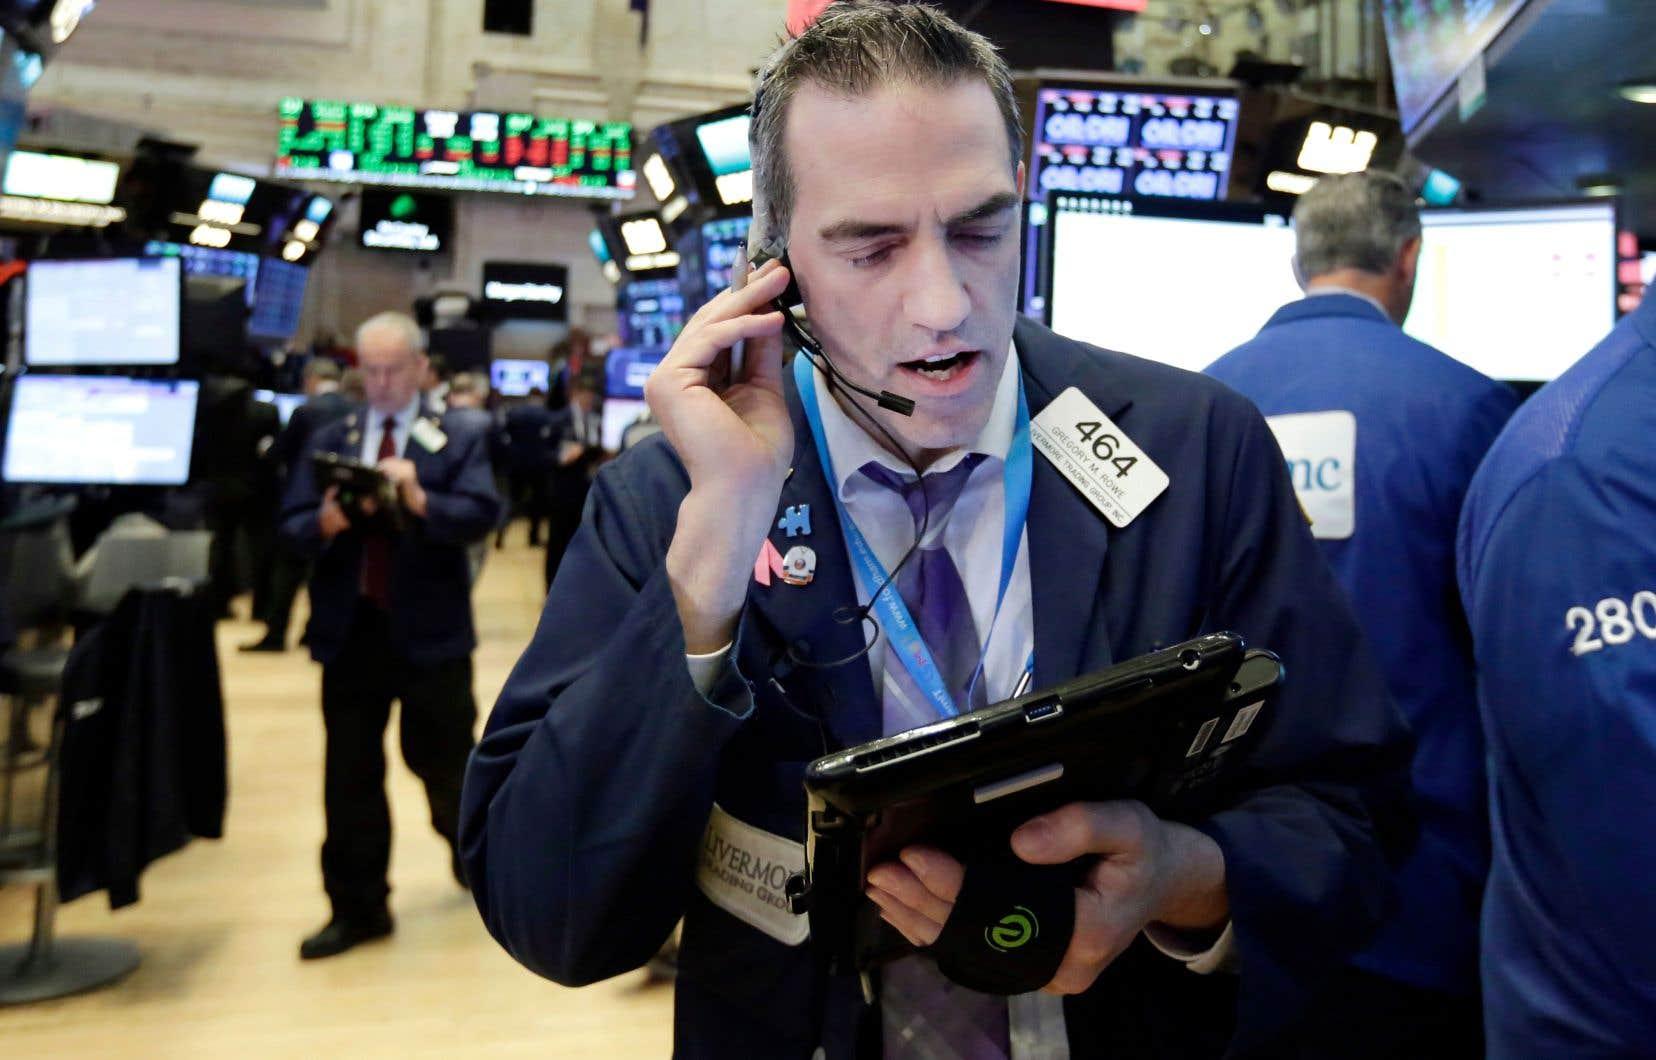 Le réveil de l'inflation et son impact sur les taux d'intérêt reviennent hanter Wall Street.